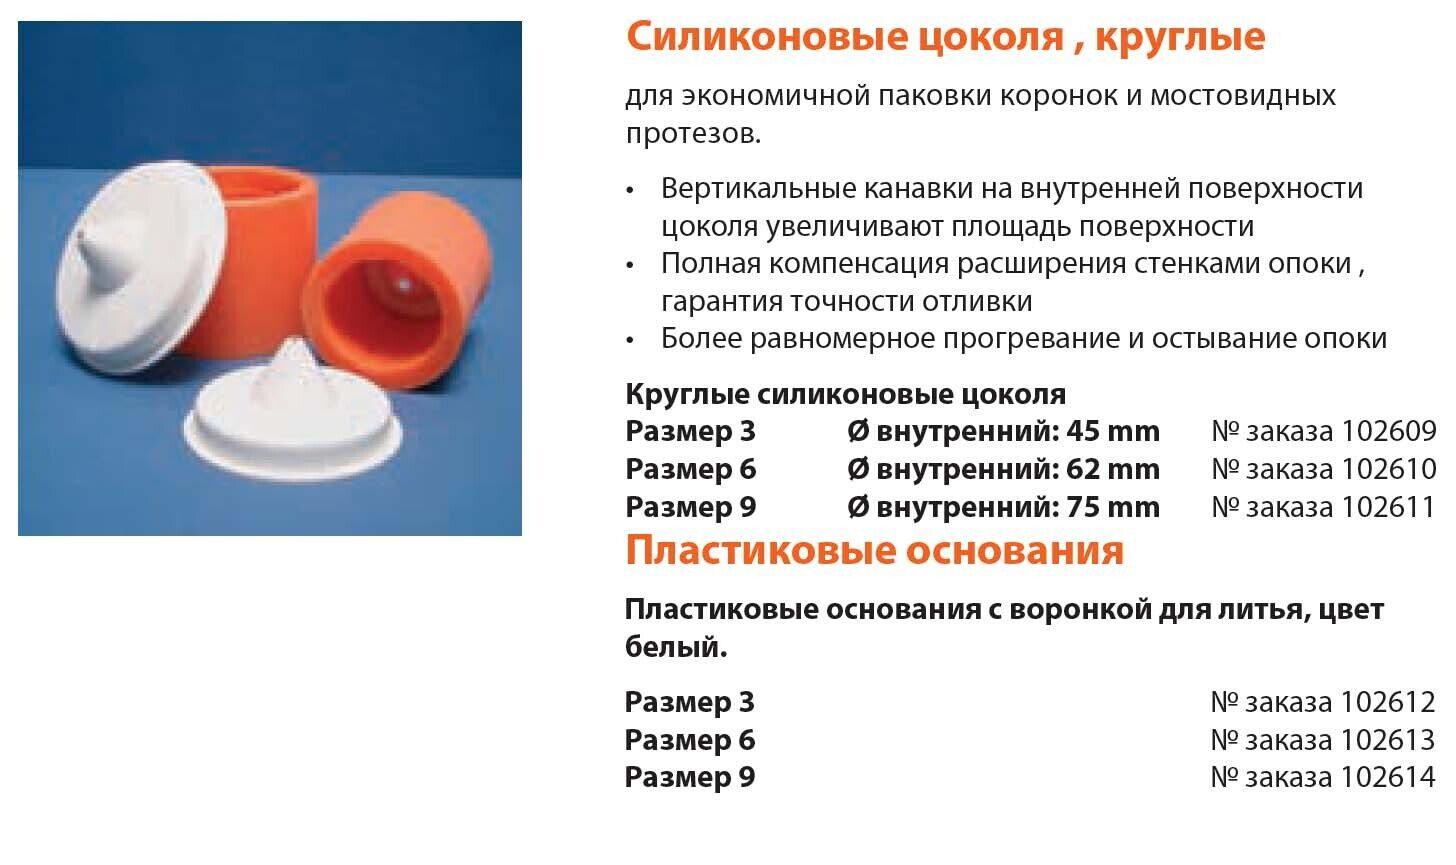 паковочная масса бревест рапид 1 инструкция по применению